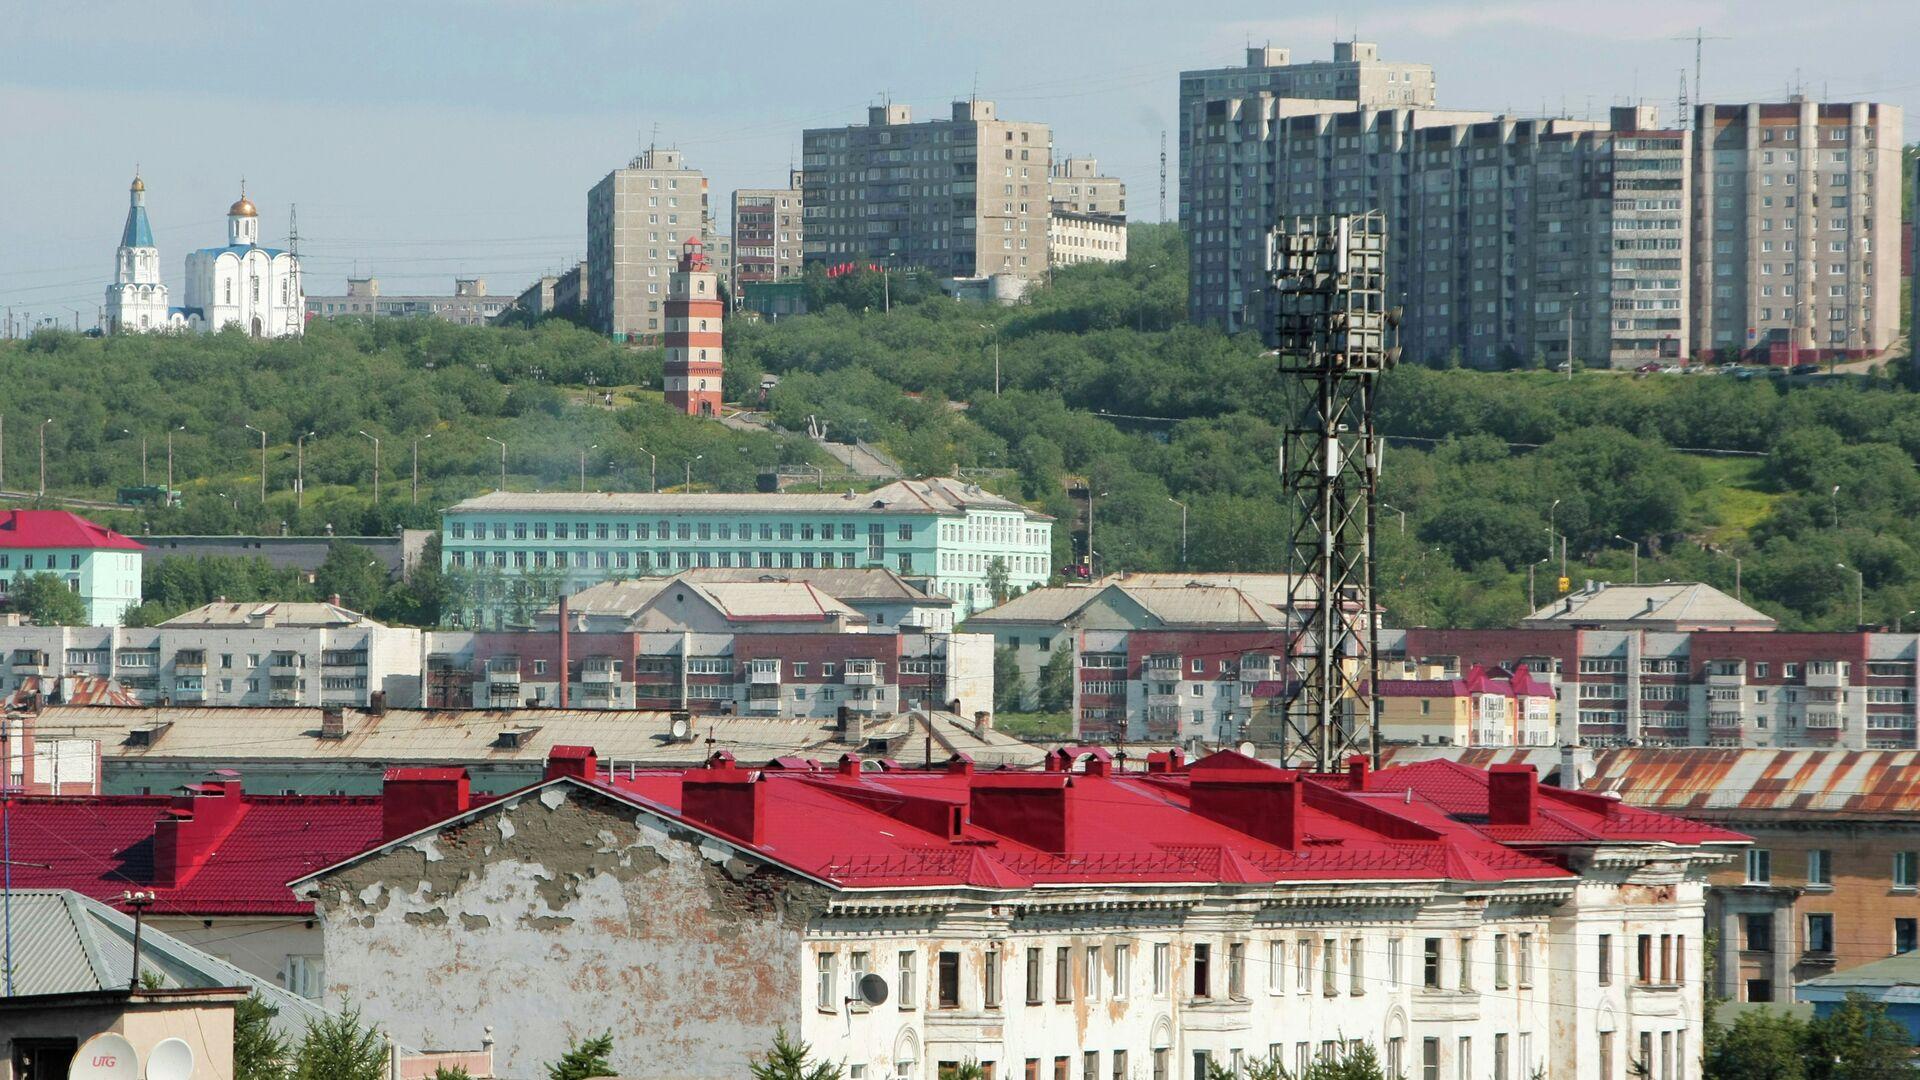 Вид города Мурманска со стороны порта - РИА Новости, 1920, 02.10.2020